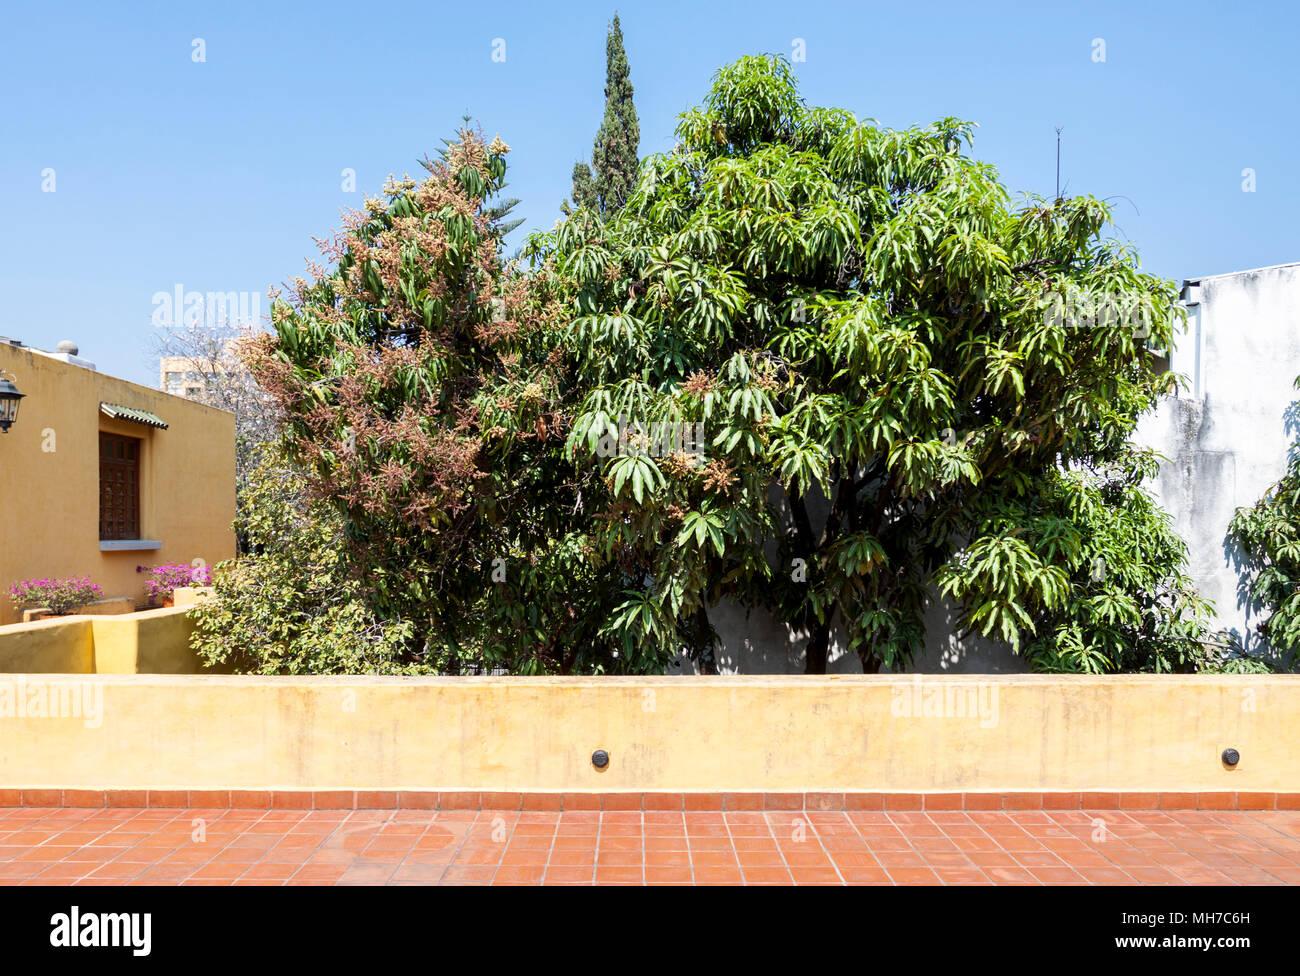 Terraza Amueblada Con Plantas Tropicales Guadalajara